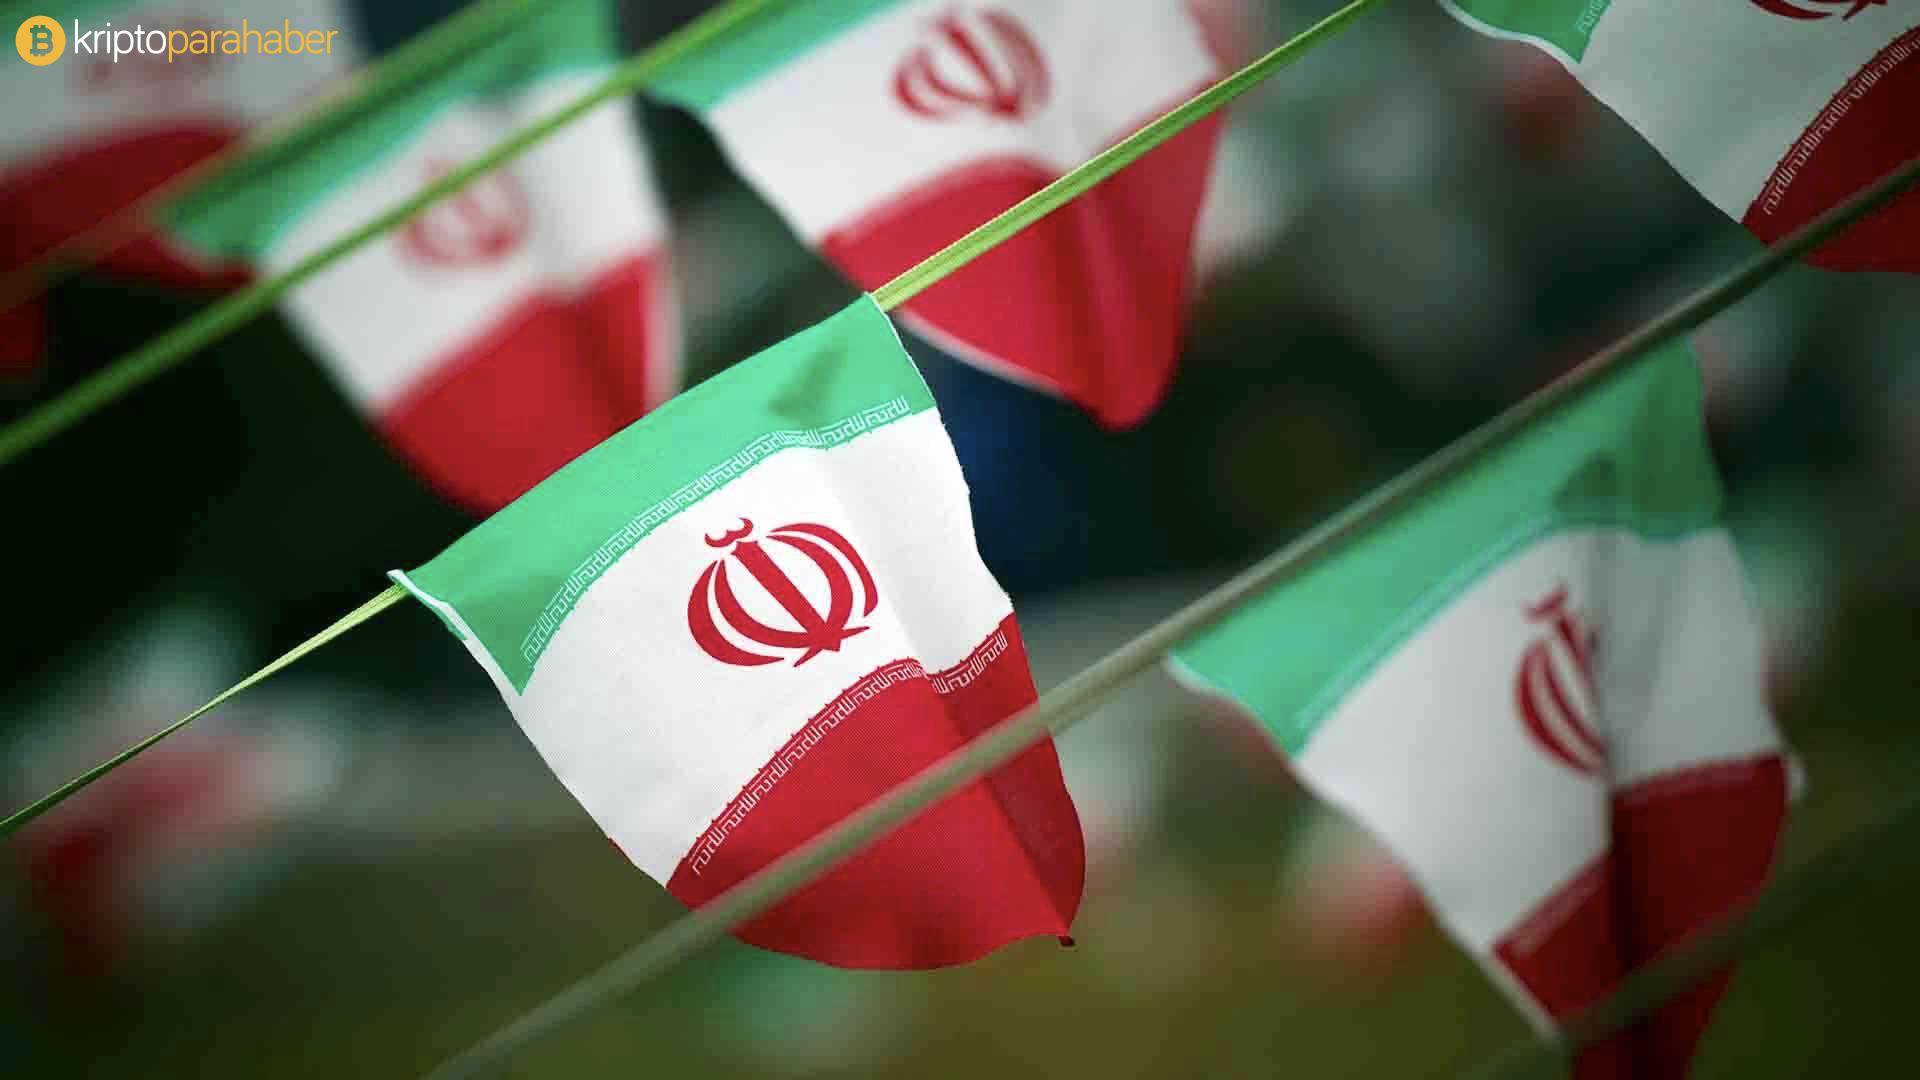 İran'da Bitcoin madenciliğine darbe! Evde madencilik yapmak artık yasak